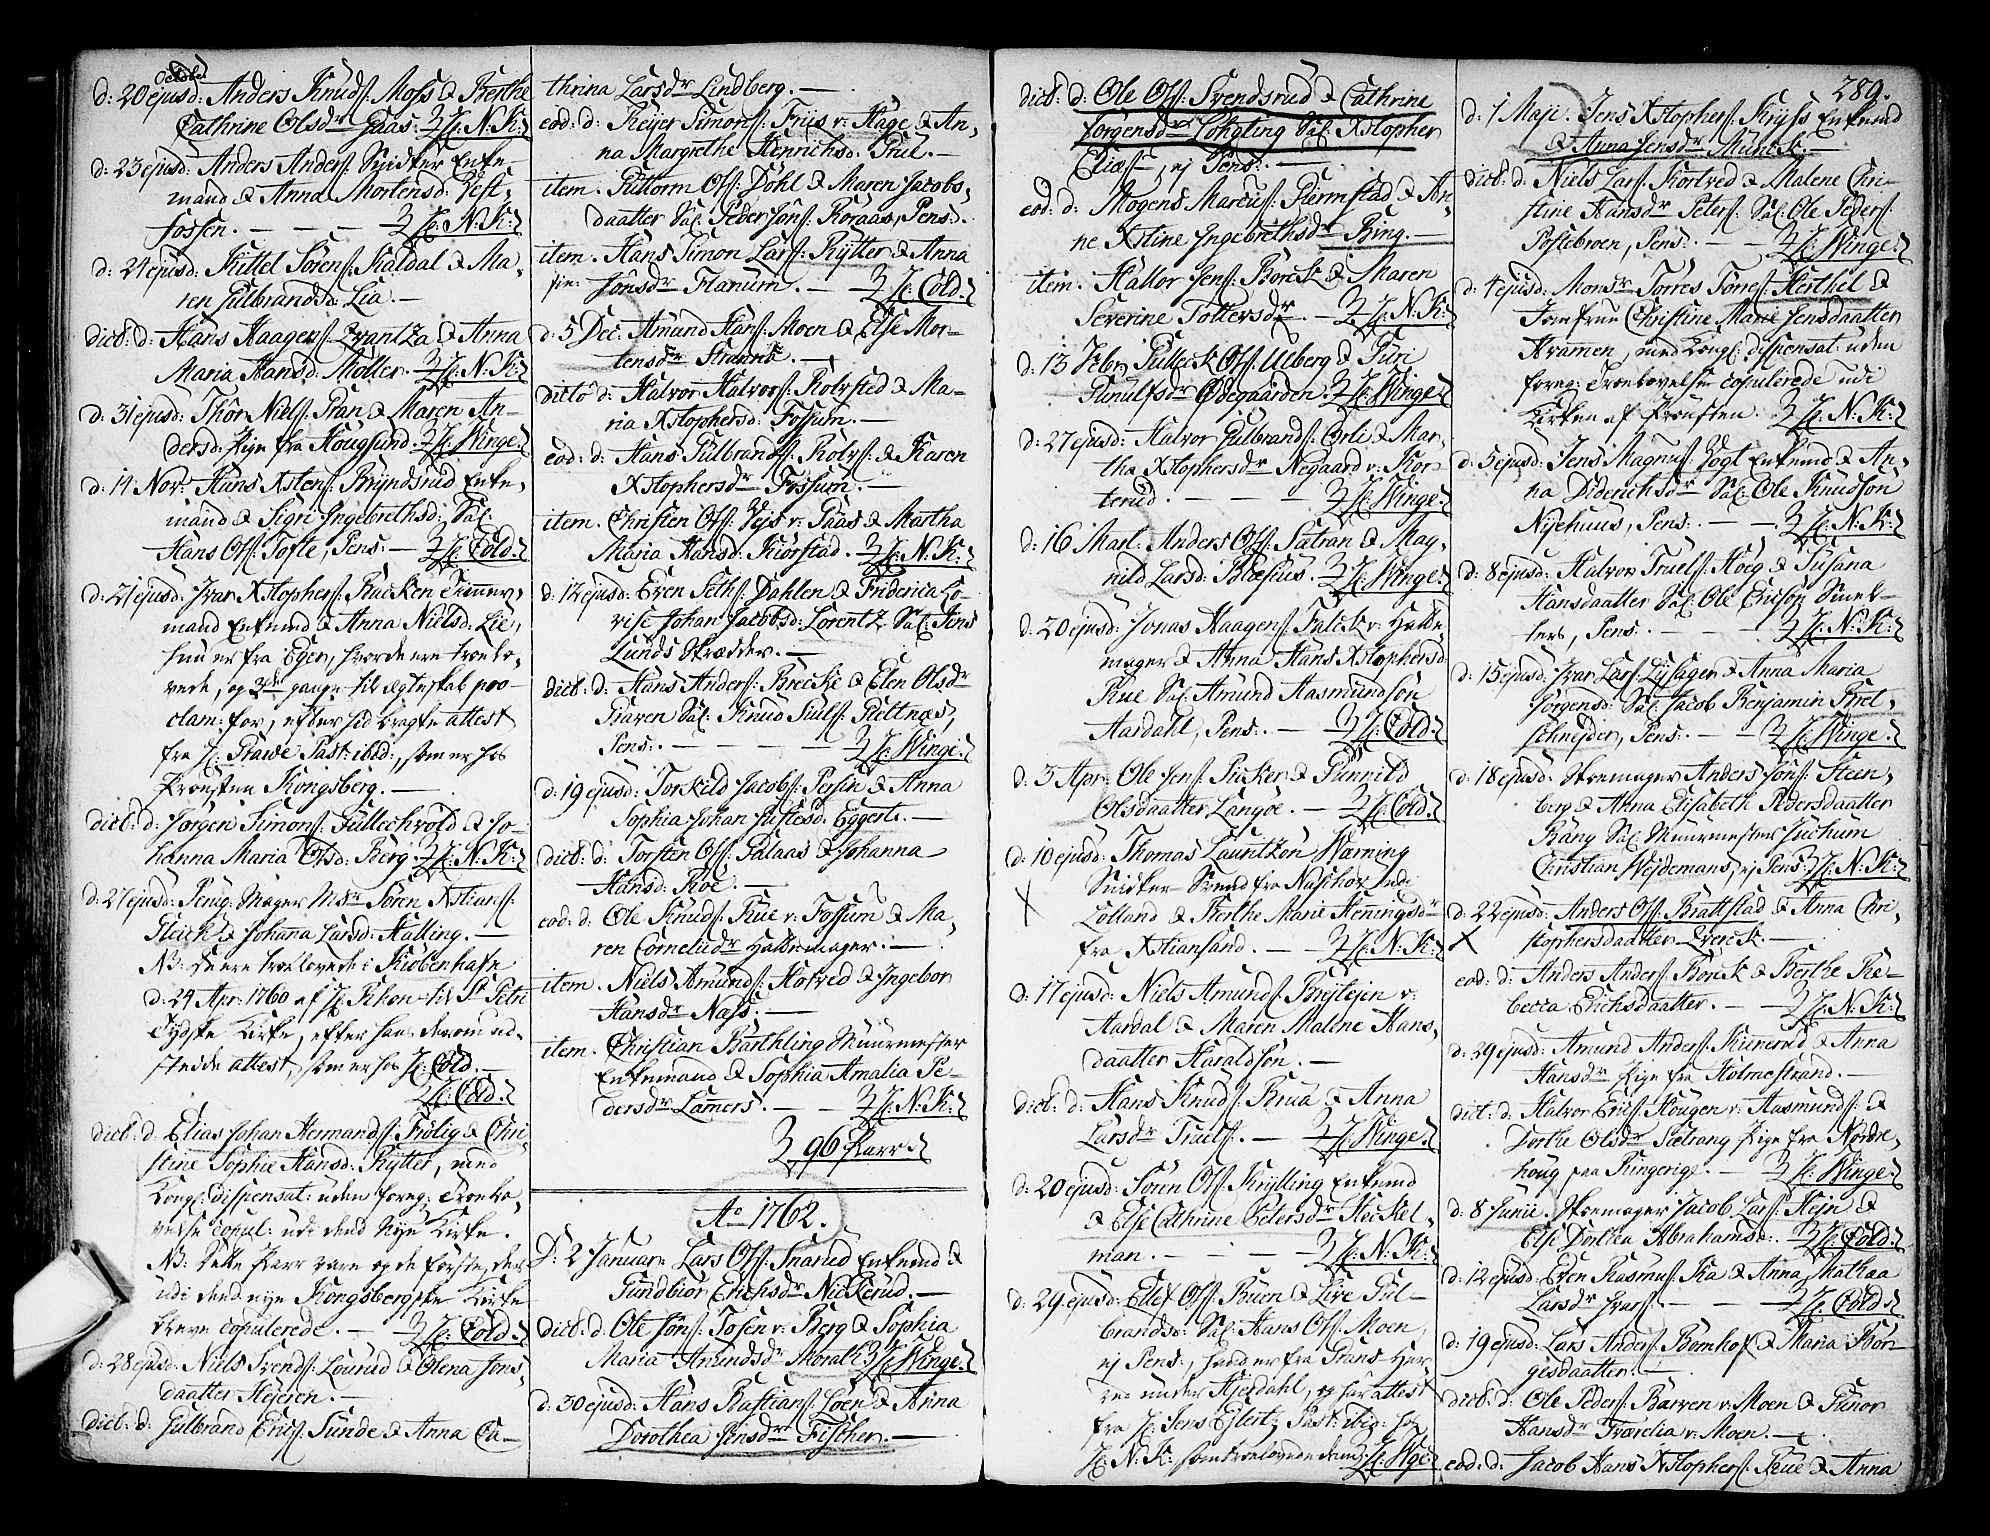 SAKO, Kongsberg kirkebøker, F/Fa/L0004: Ministerialbok nr. I 4, 1756-1768, s. 289